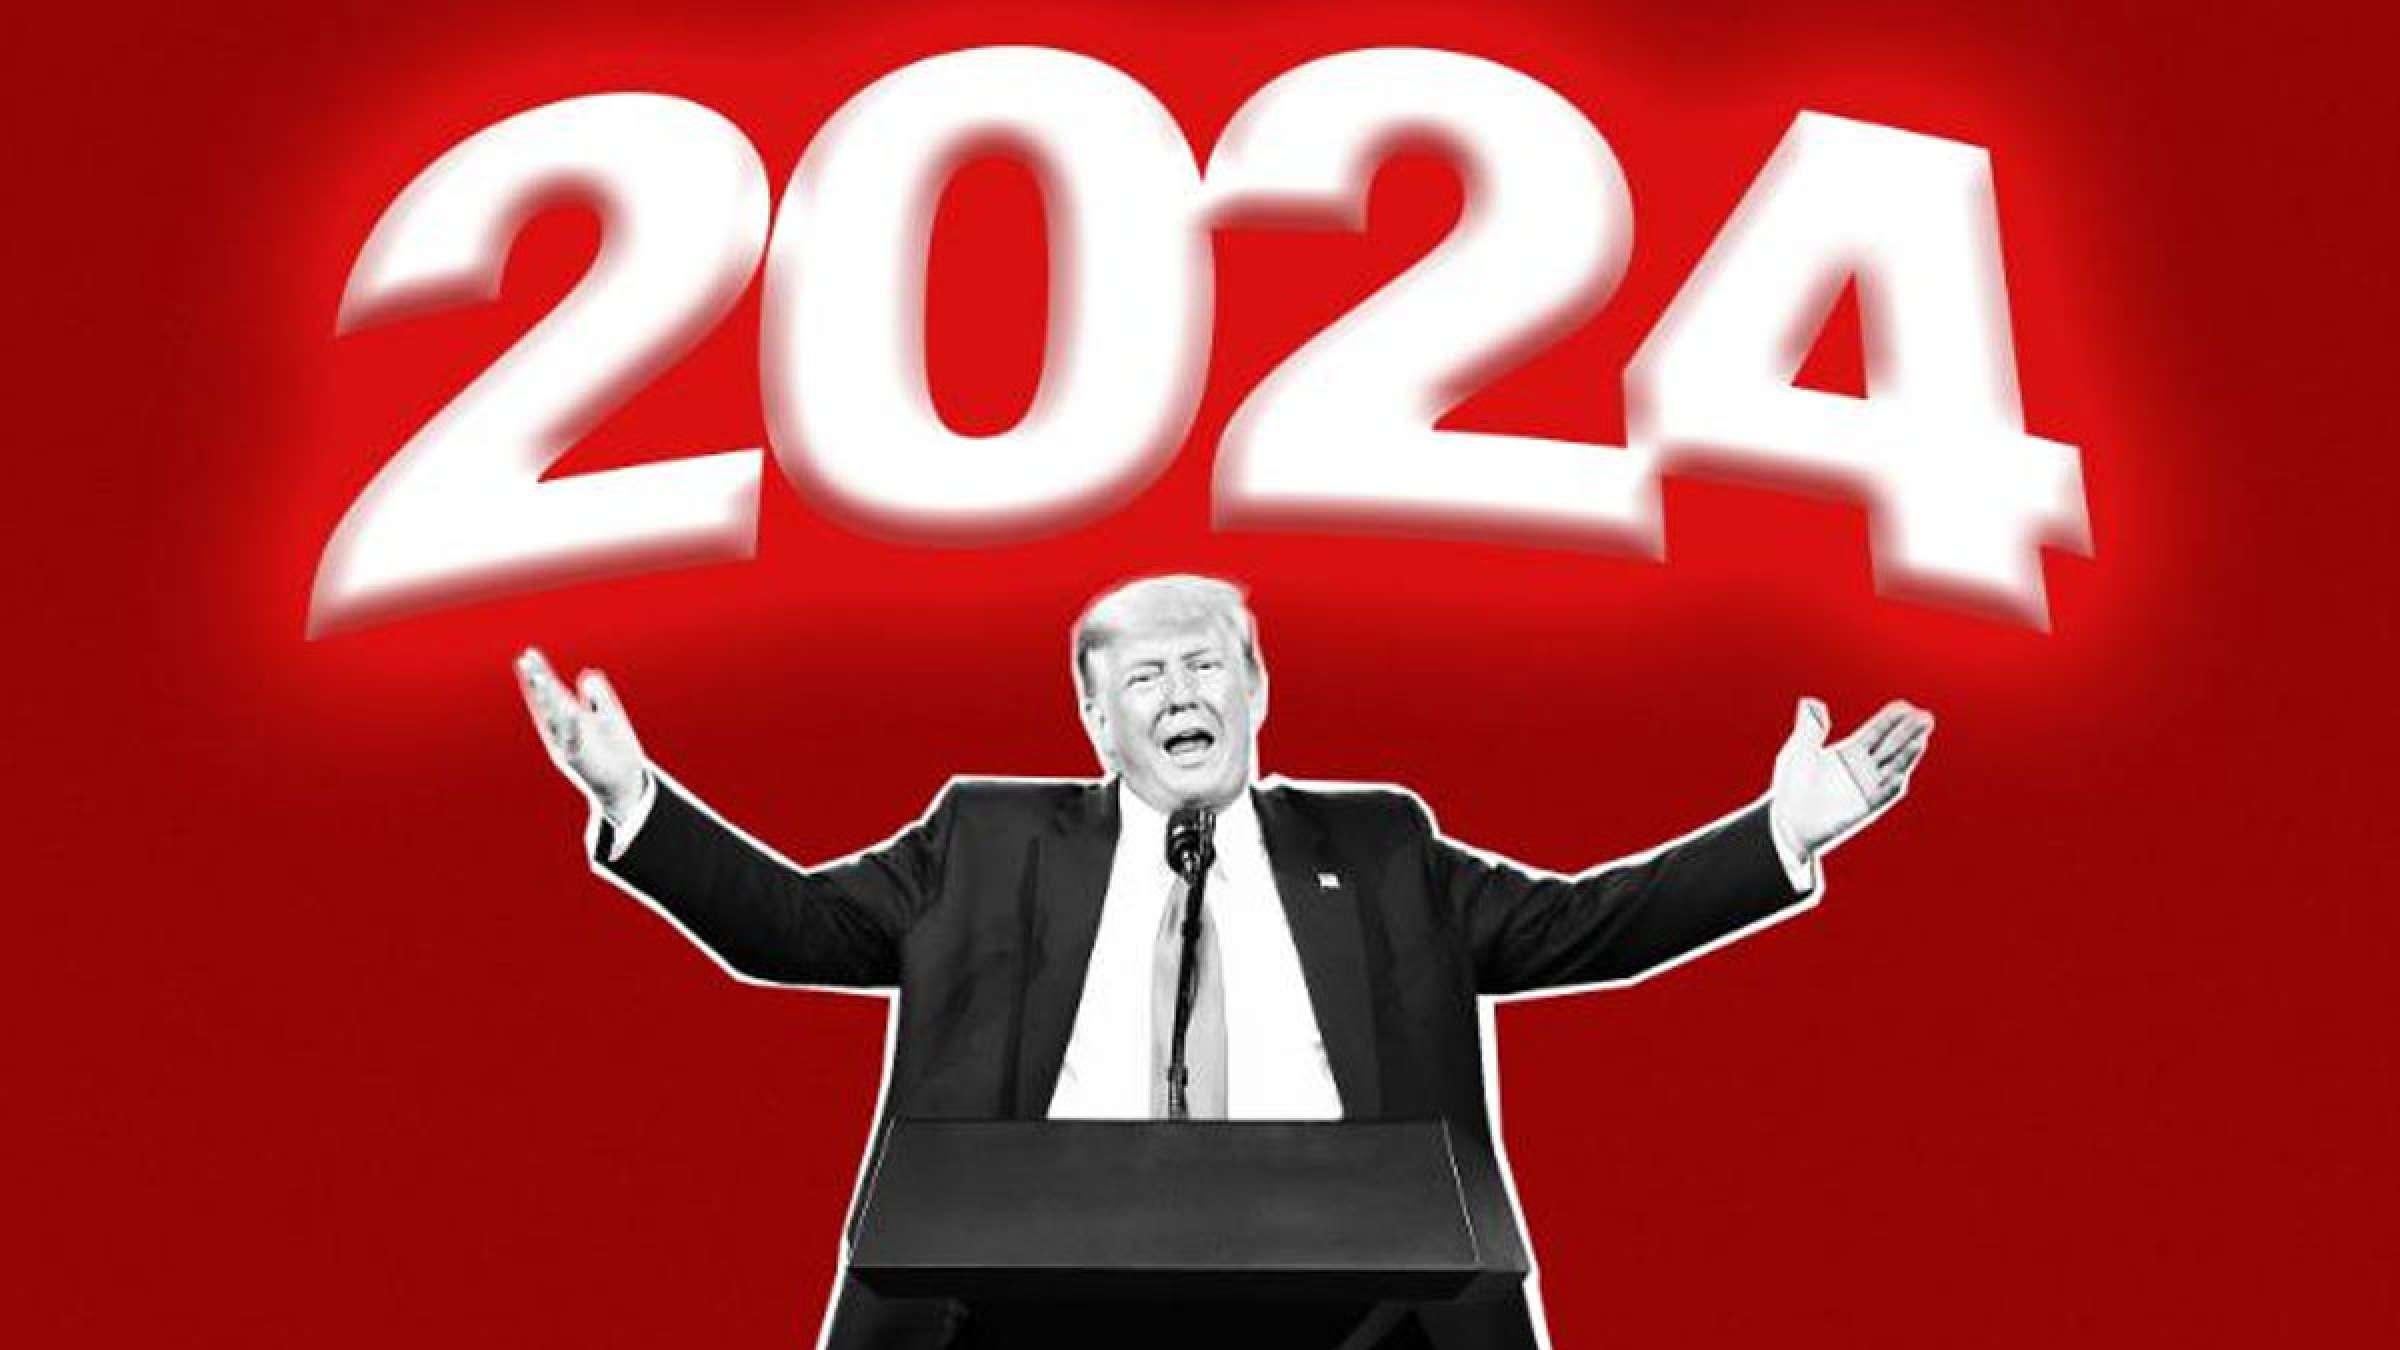 خبر-آمریکا-ترامپ-به-احتمال-۹۹-۱۰۰-درصد-انتخابات-ریاست-جمهوری-۲۰۲۴-نامزد-می-شود